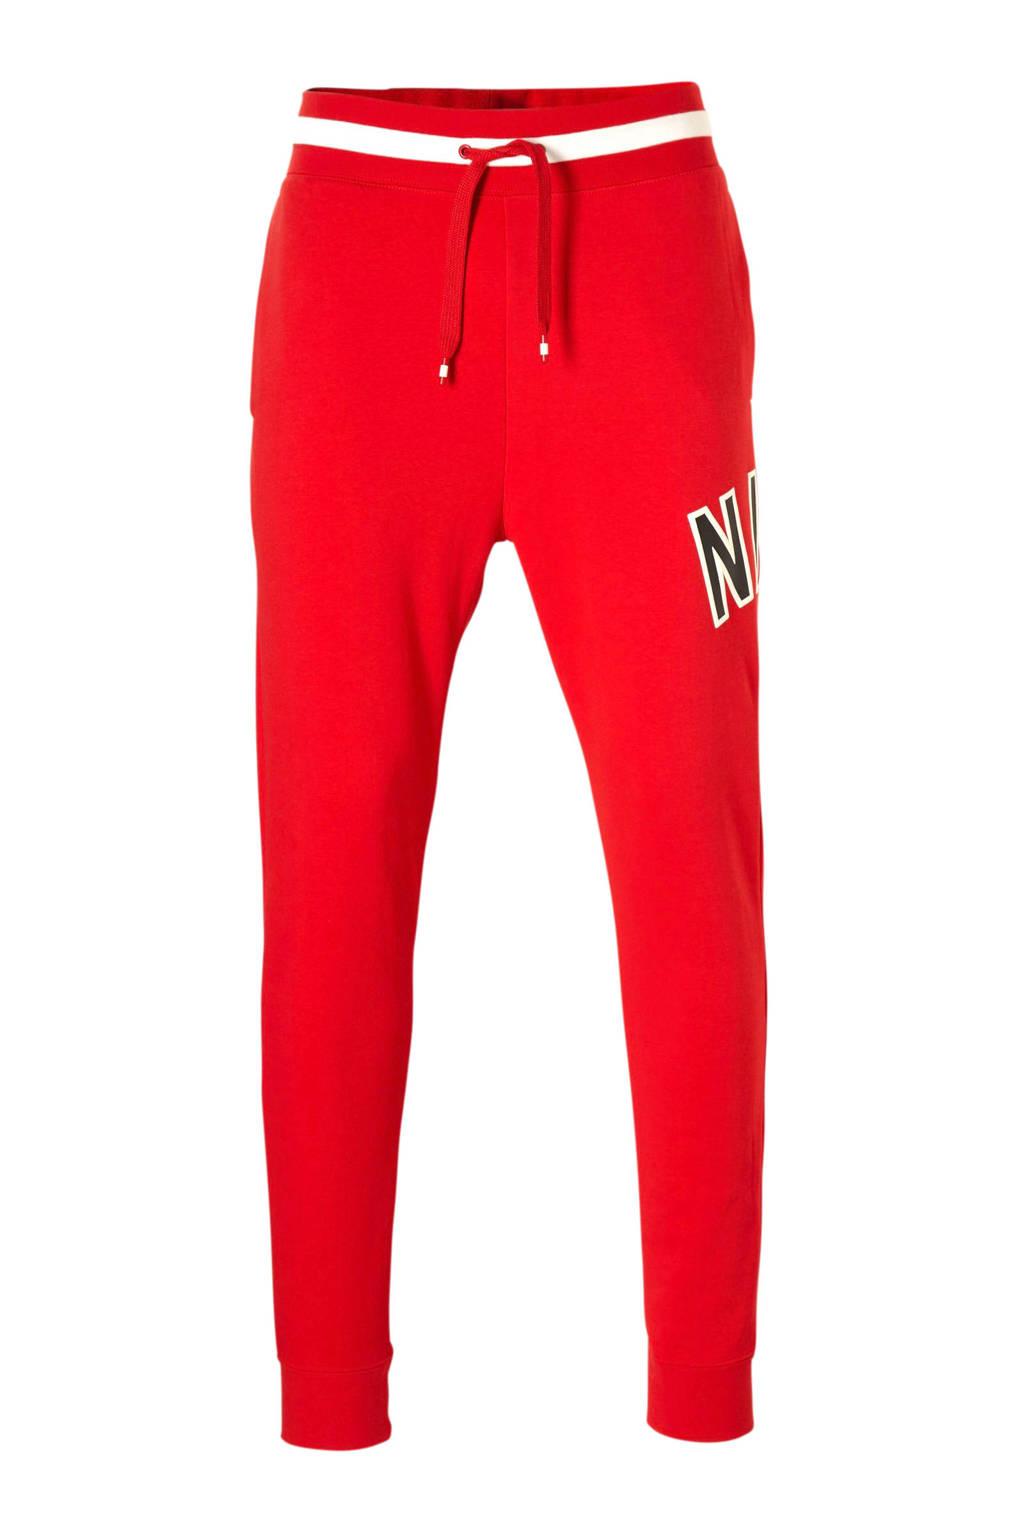 Nike joggingbroek rood, Rood